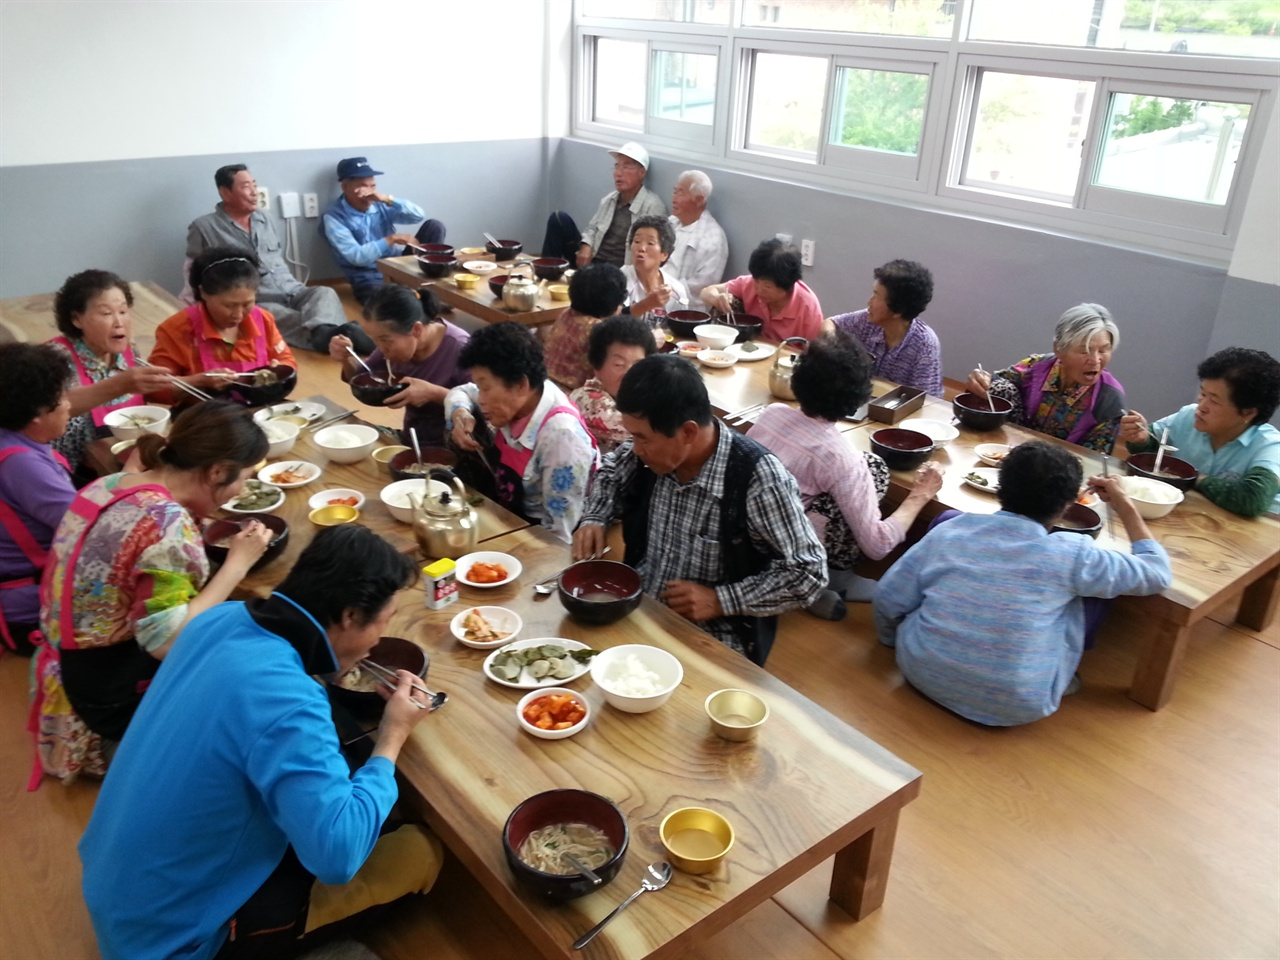 무주 초리넝쿨마을 무주 초리넝쿨마을의 마을공동식당